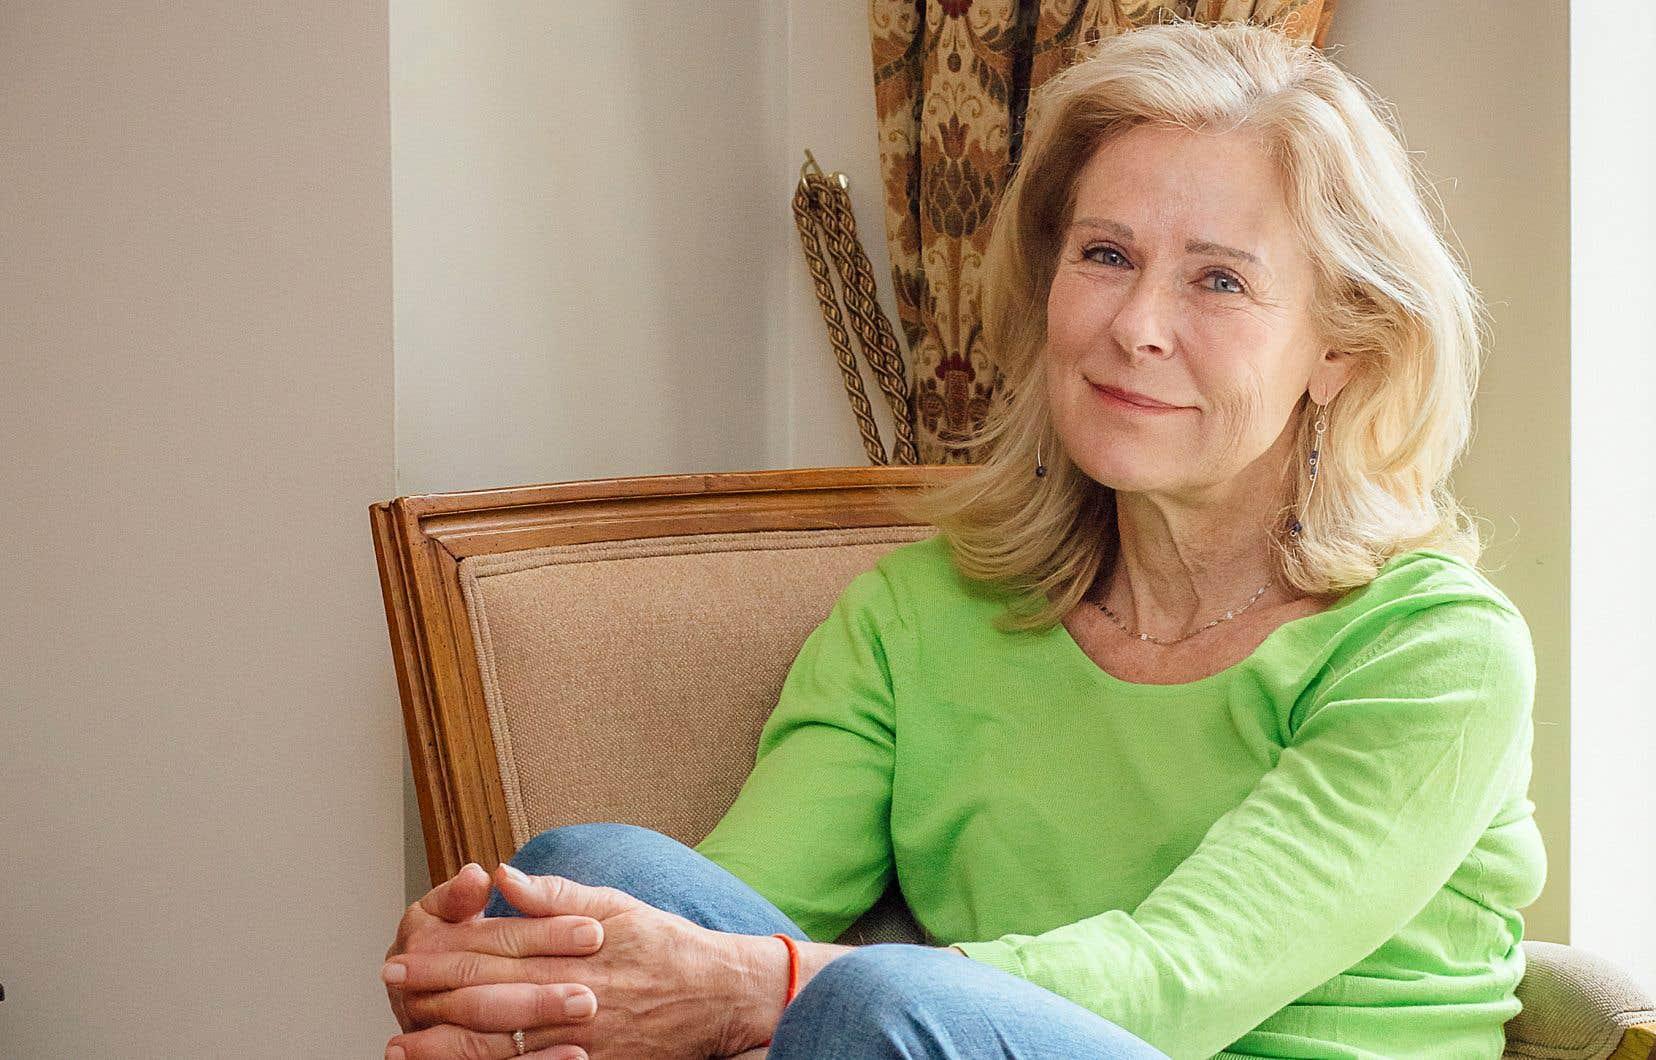 À une époque envahie par les écrans et la performance, Dominique Demers se dit rassurée de voir que la lecture et ses plaisirs sont encore aussi présents.